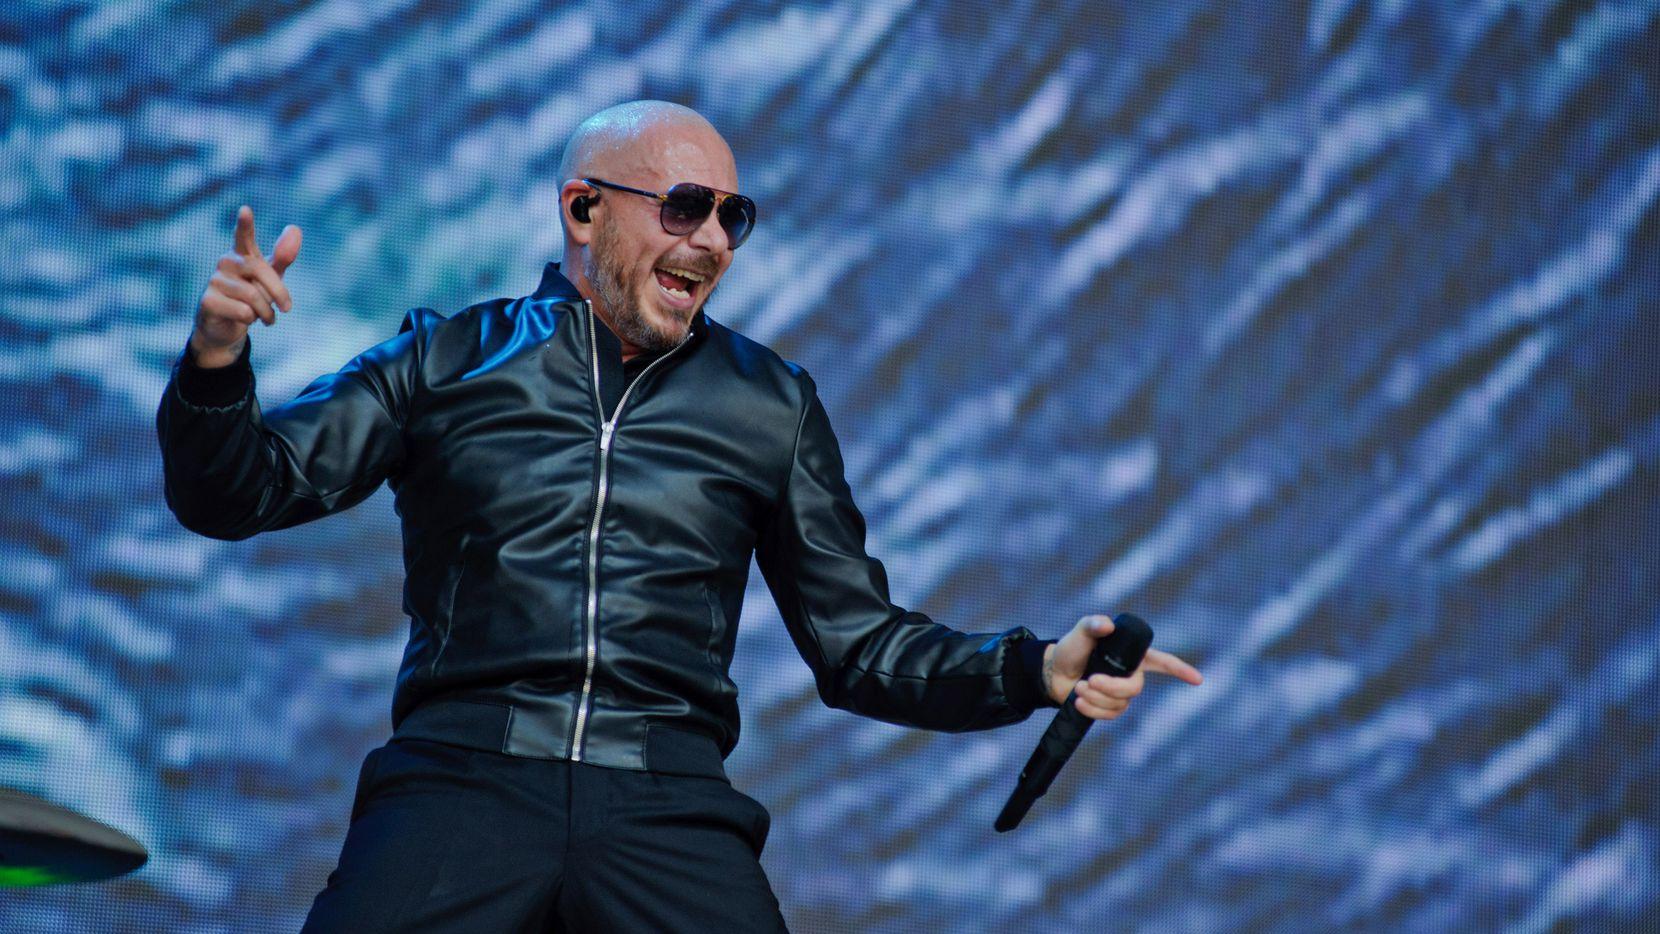 Pitbull en un show el 8 de junio de 2019 en Chicago, Illinois.